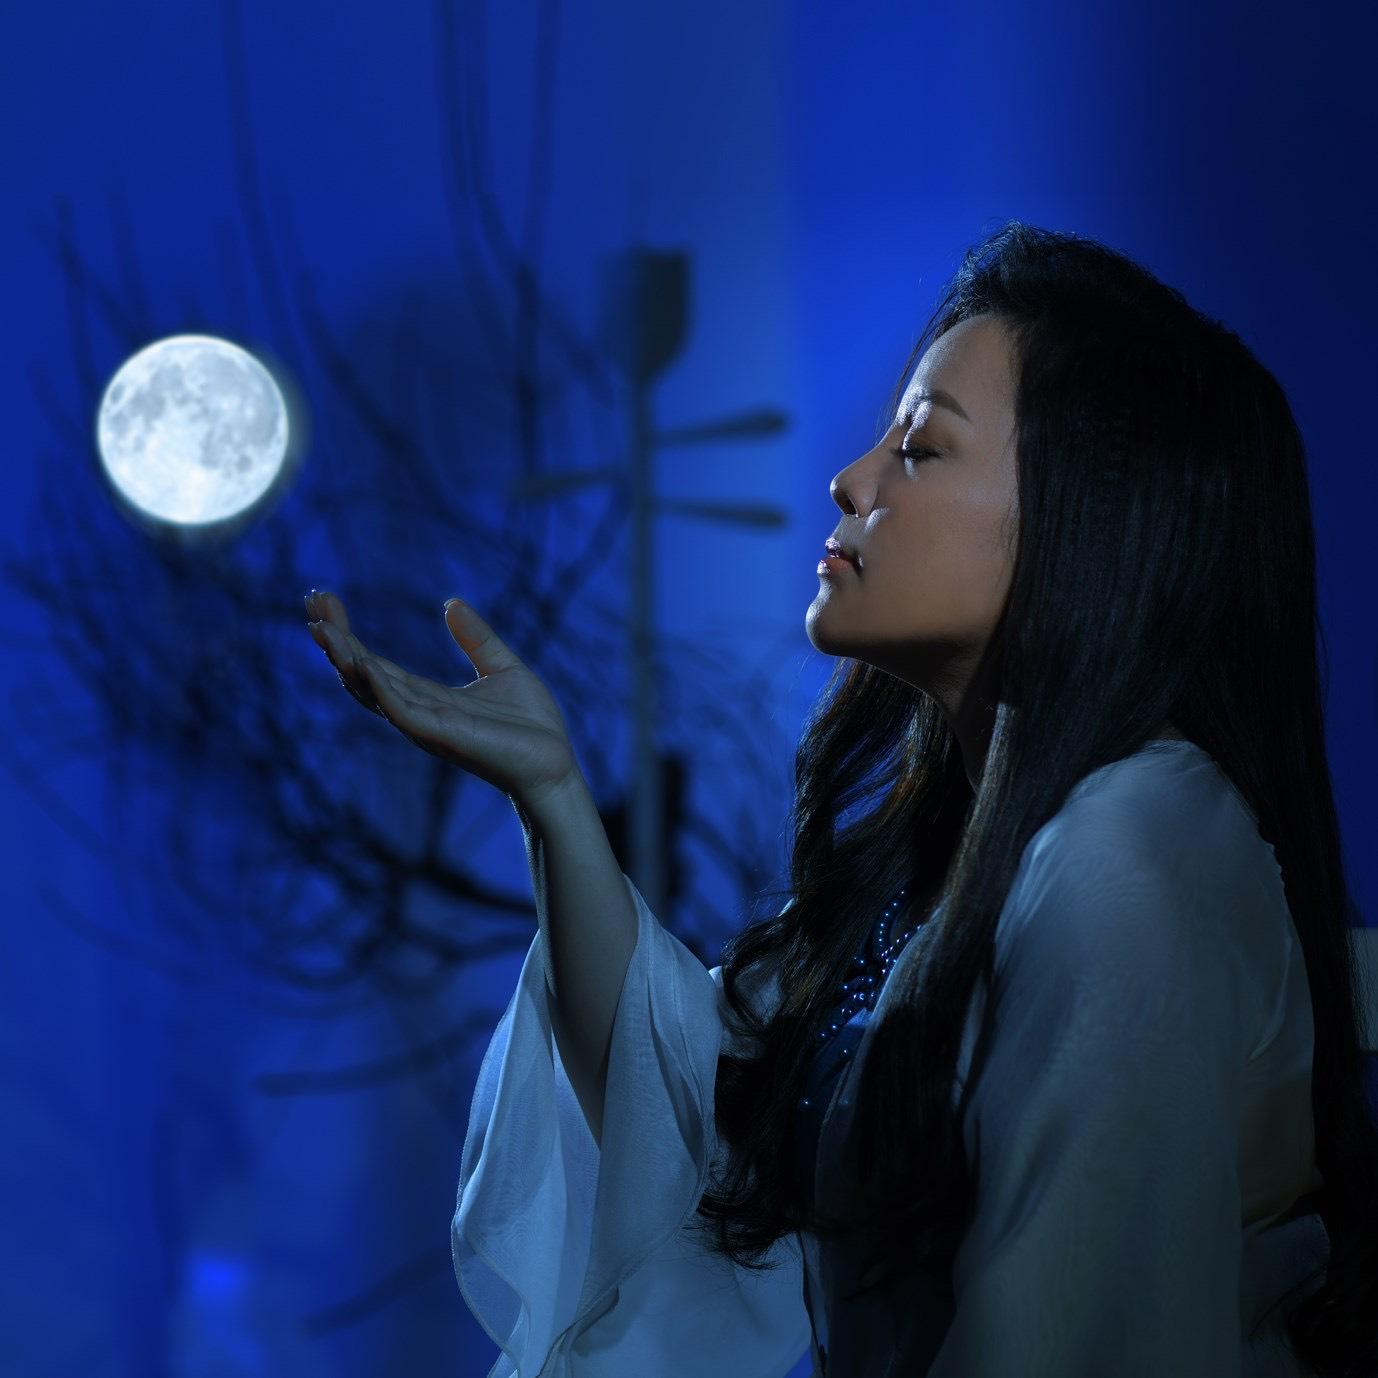 Với Tố Nga, phụ nữ cũng giống ánh trăng, bí ẩn mà đẹp vô ngần